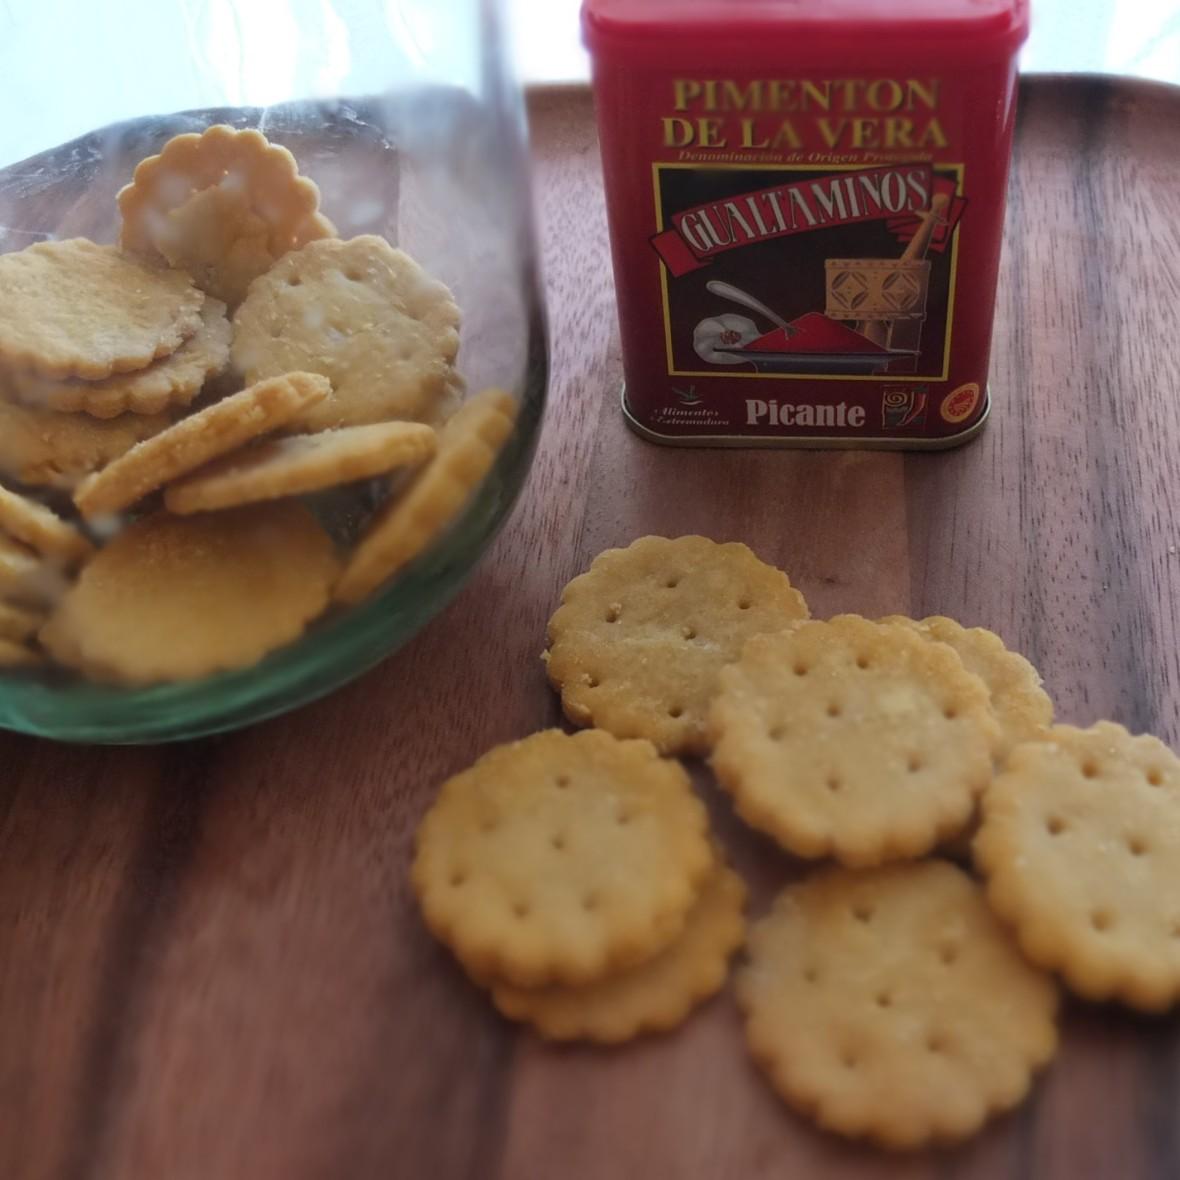 Vegan homemade ritz-style crackers, glutenfree